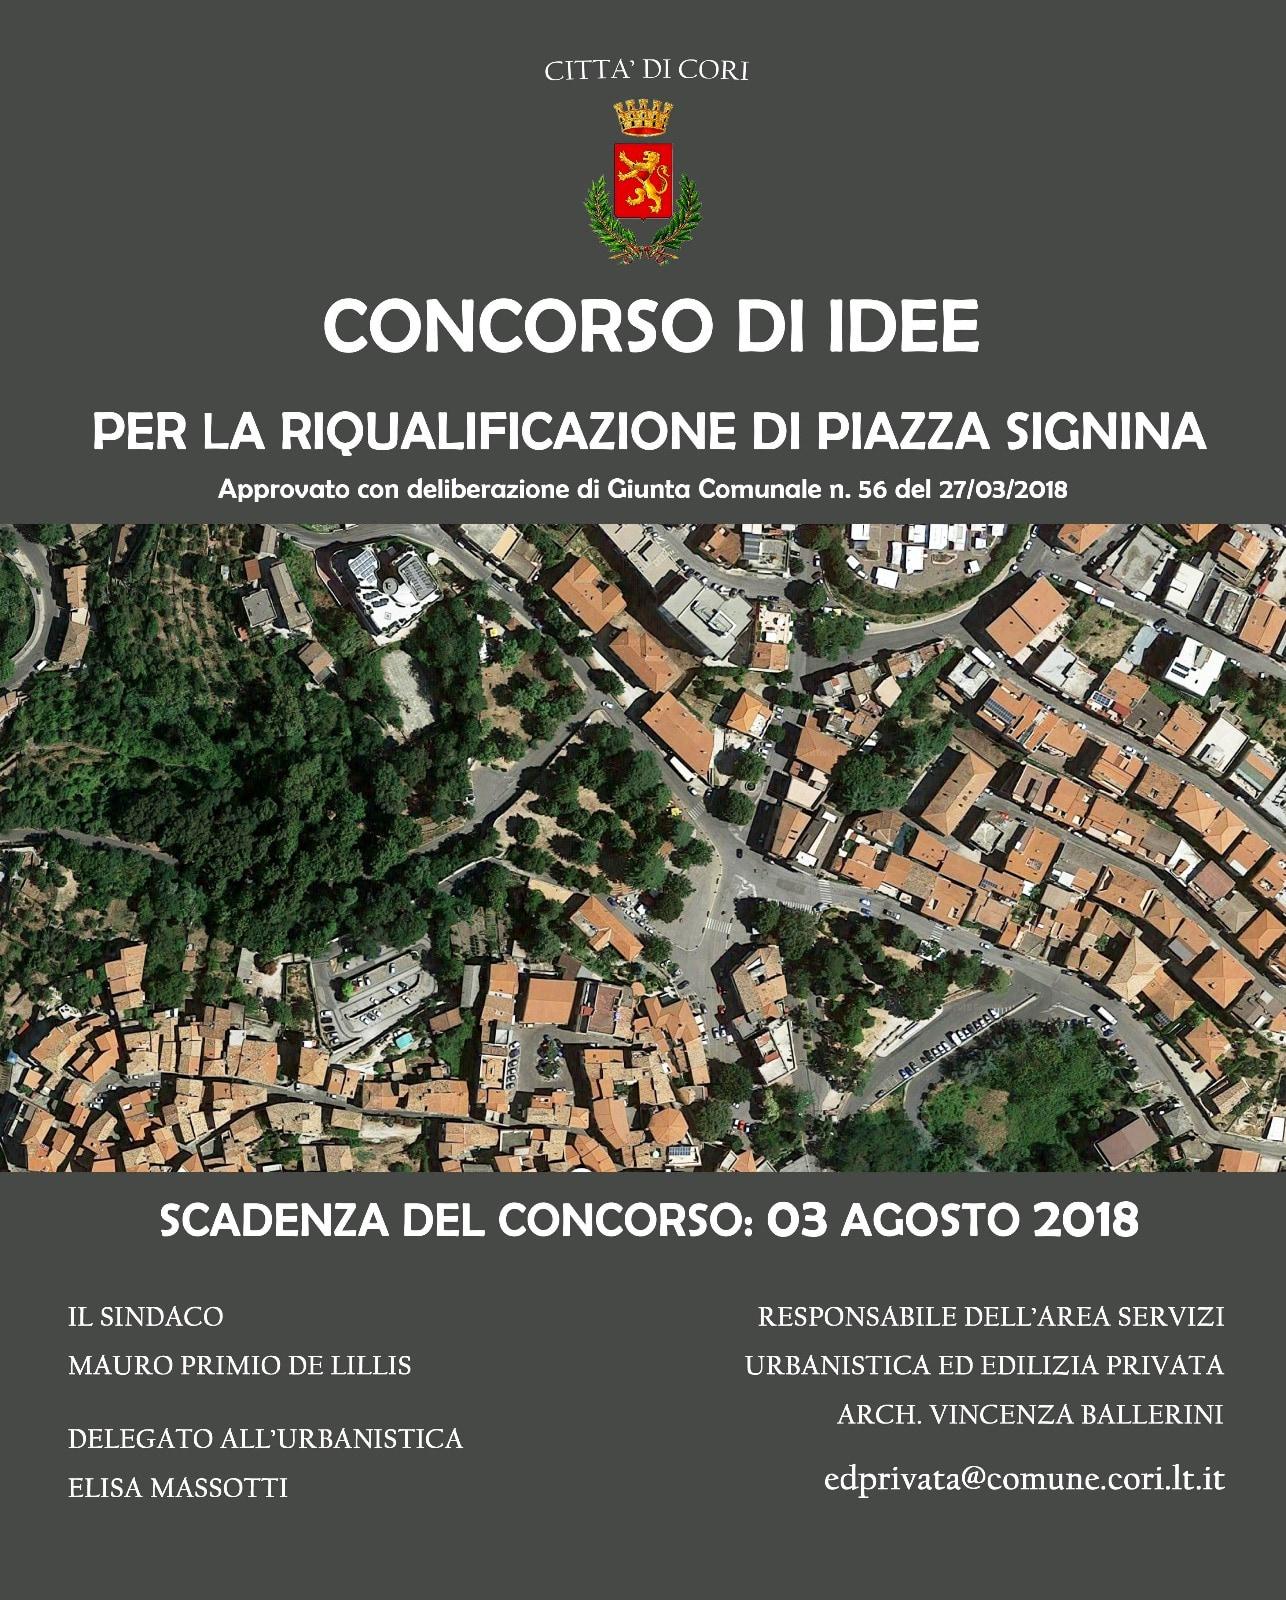 concorso-piazza_signina_cori